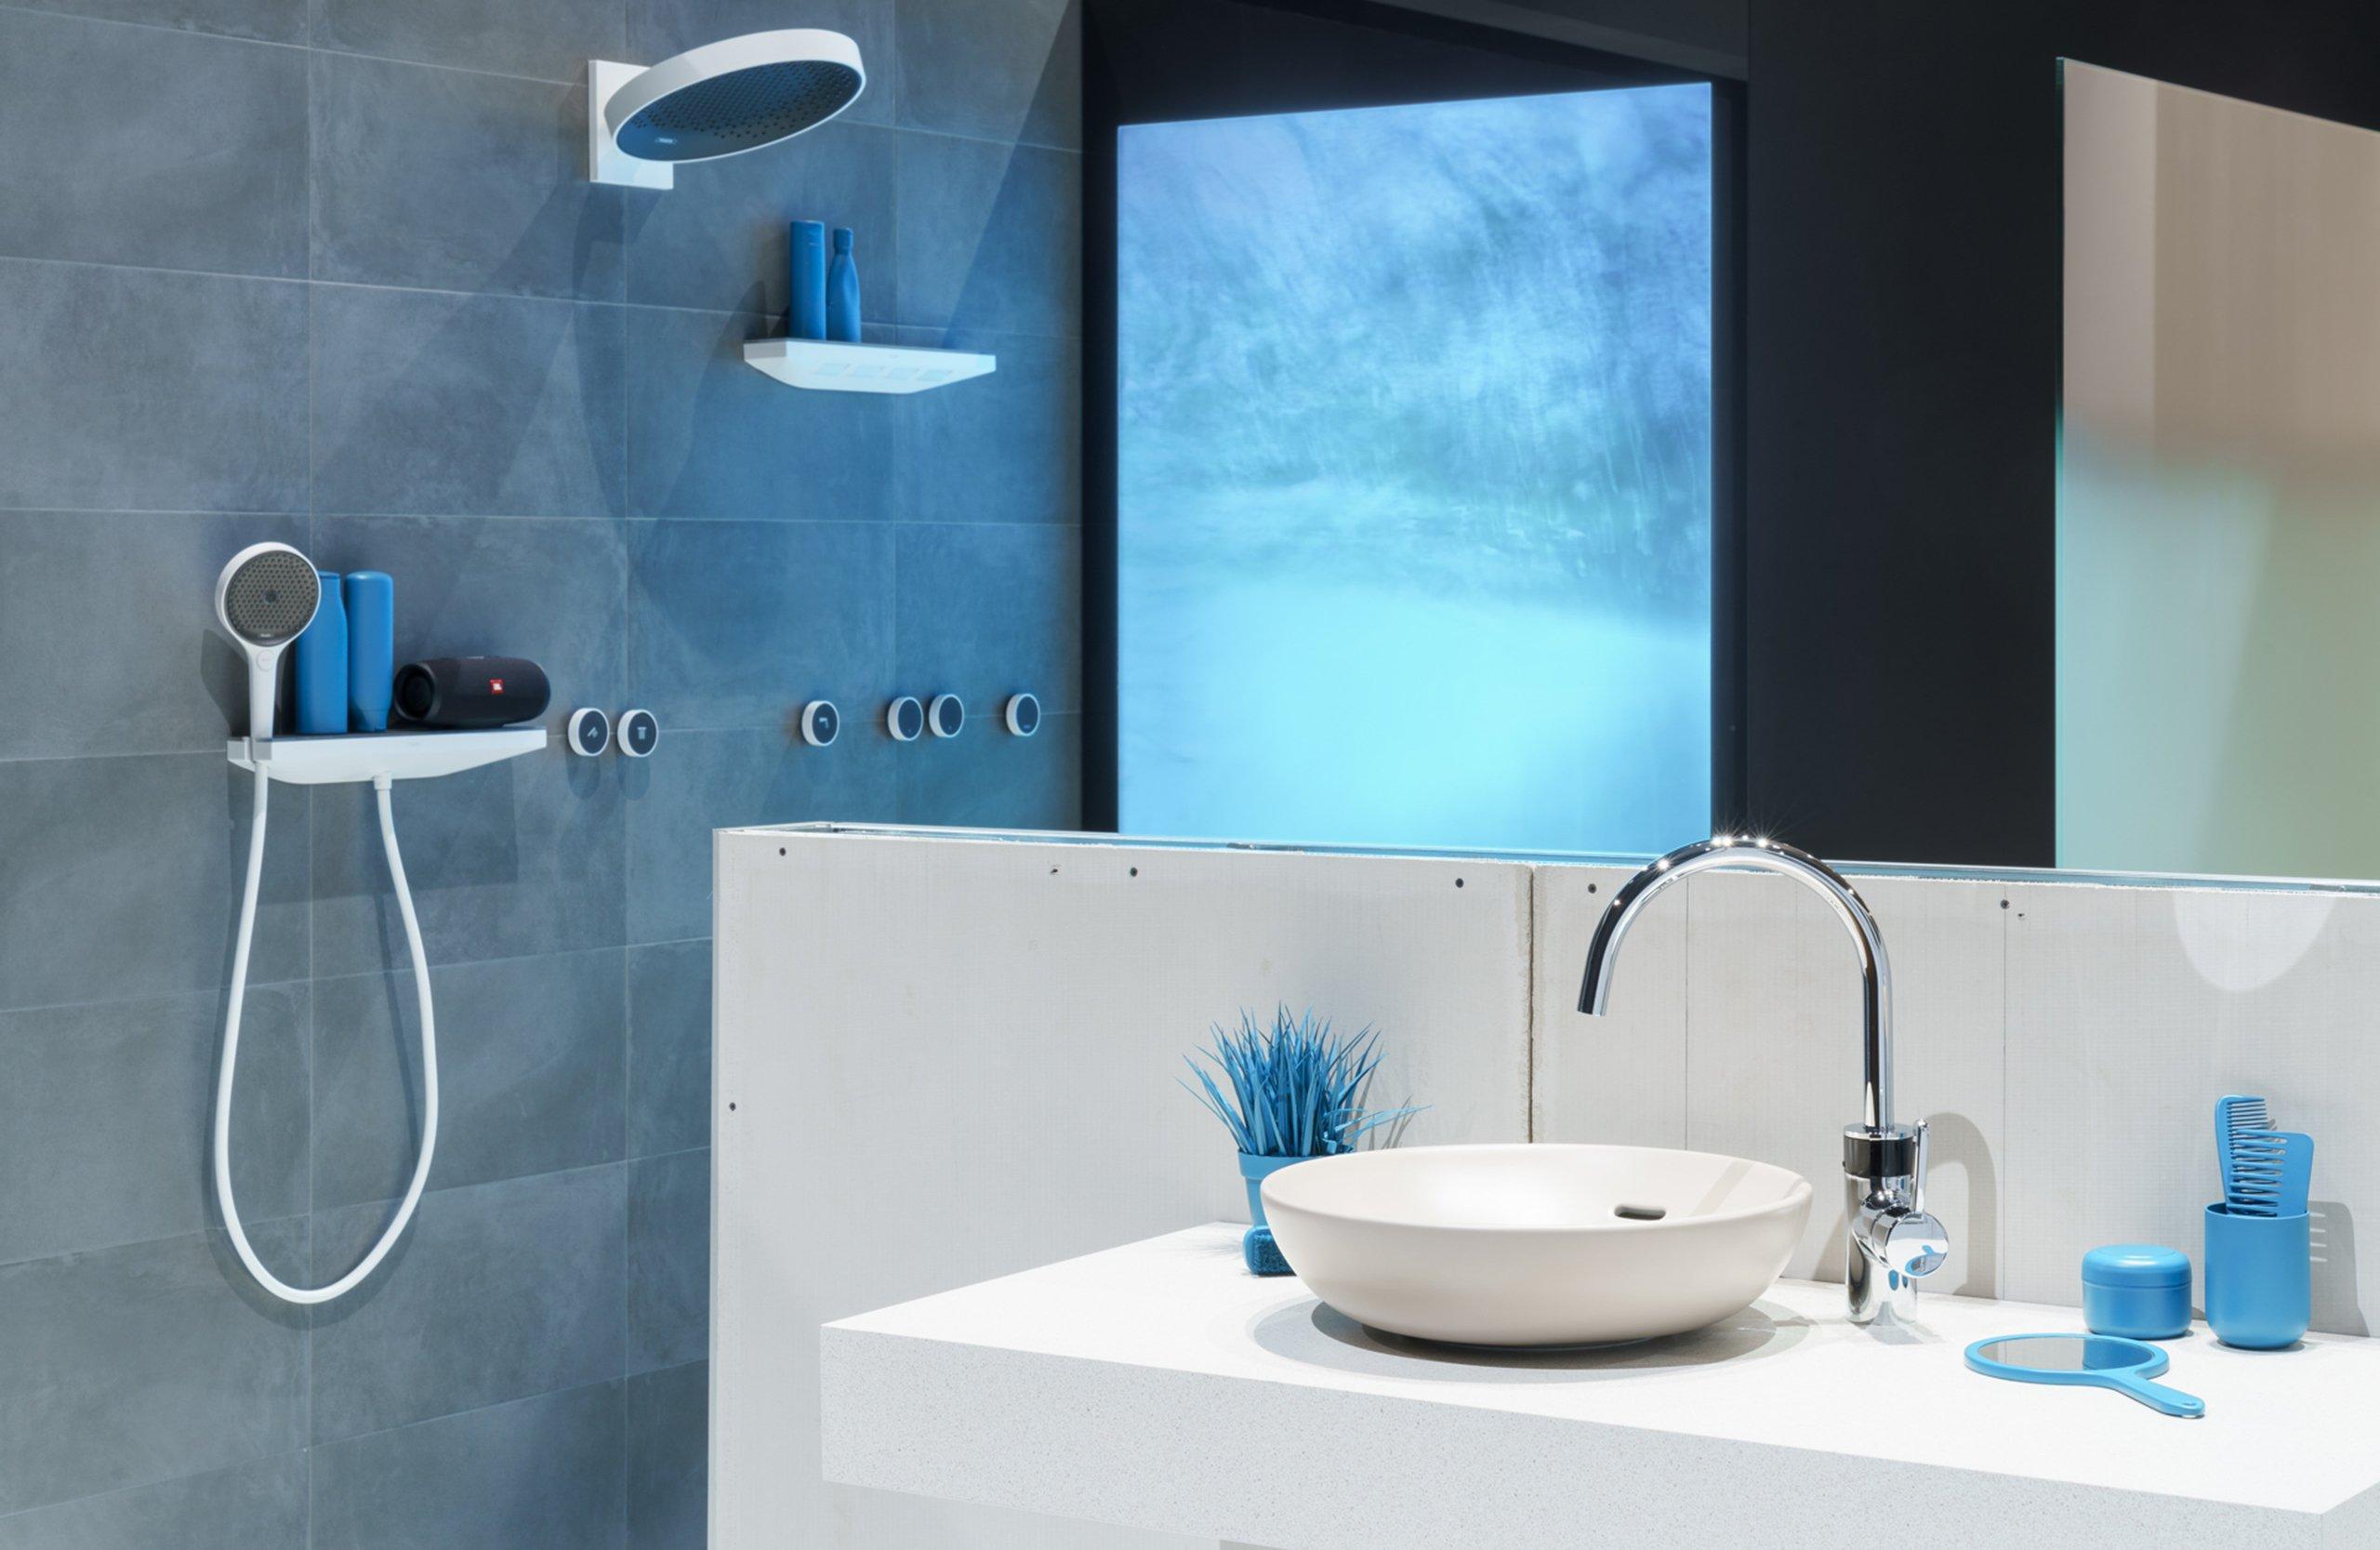 https://farconsulting.de/wp-content/uploads/2021/05/043_Pop-up-my-Bathroom_ISH-digital-2021.jpg